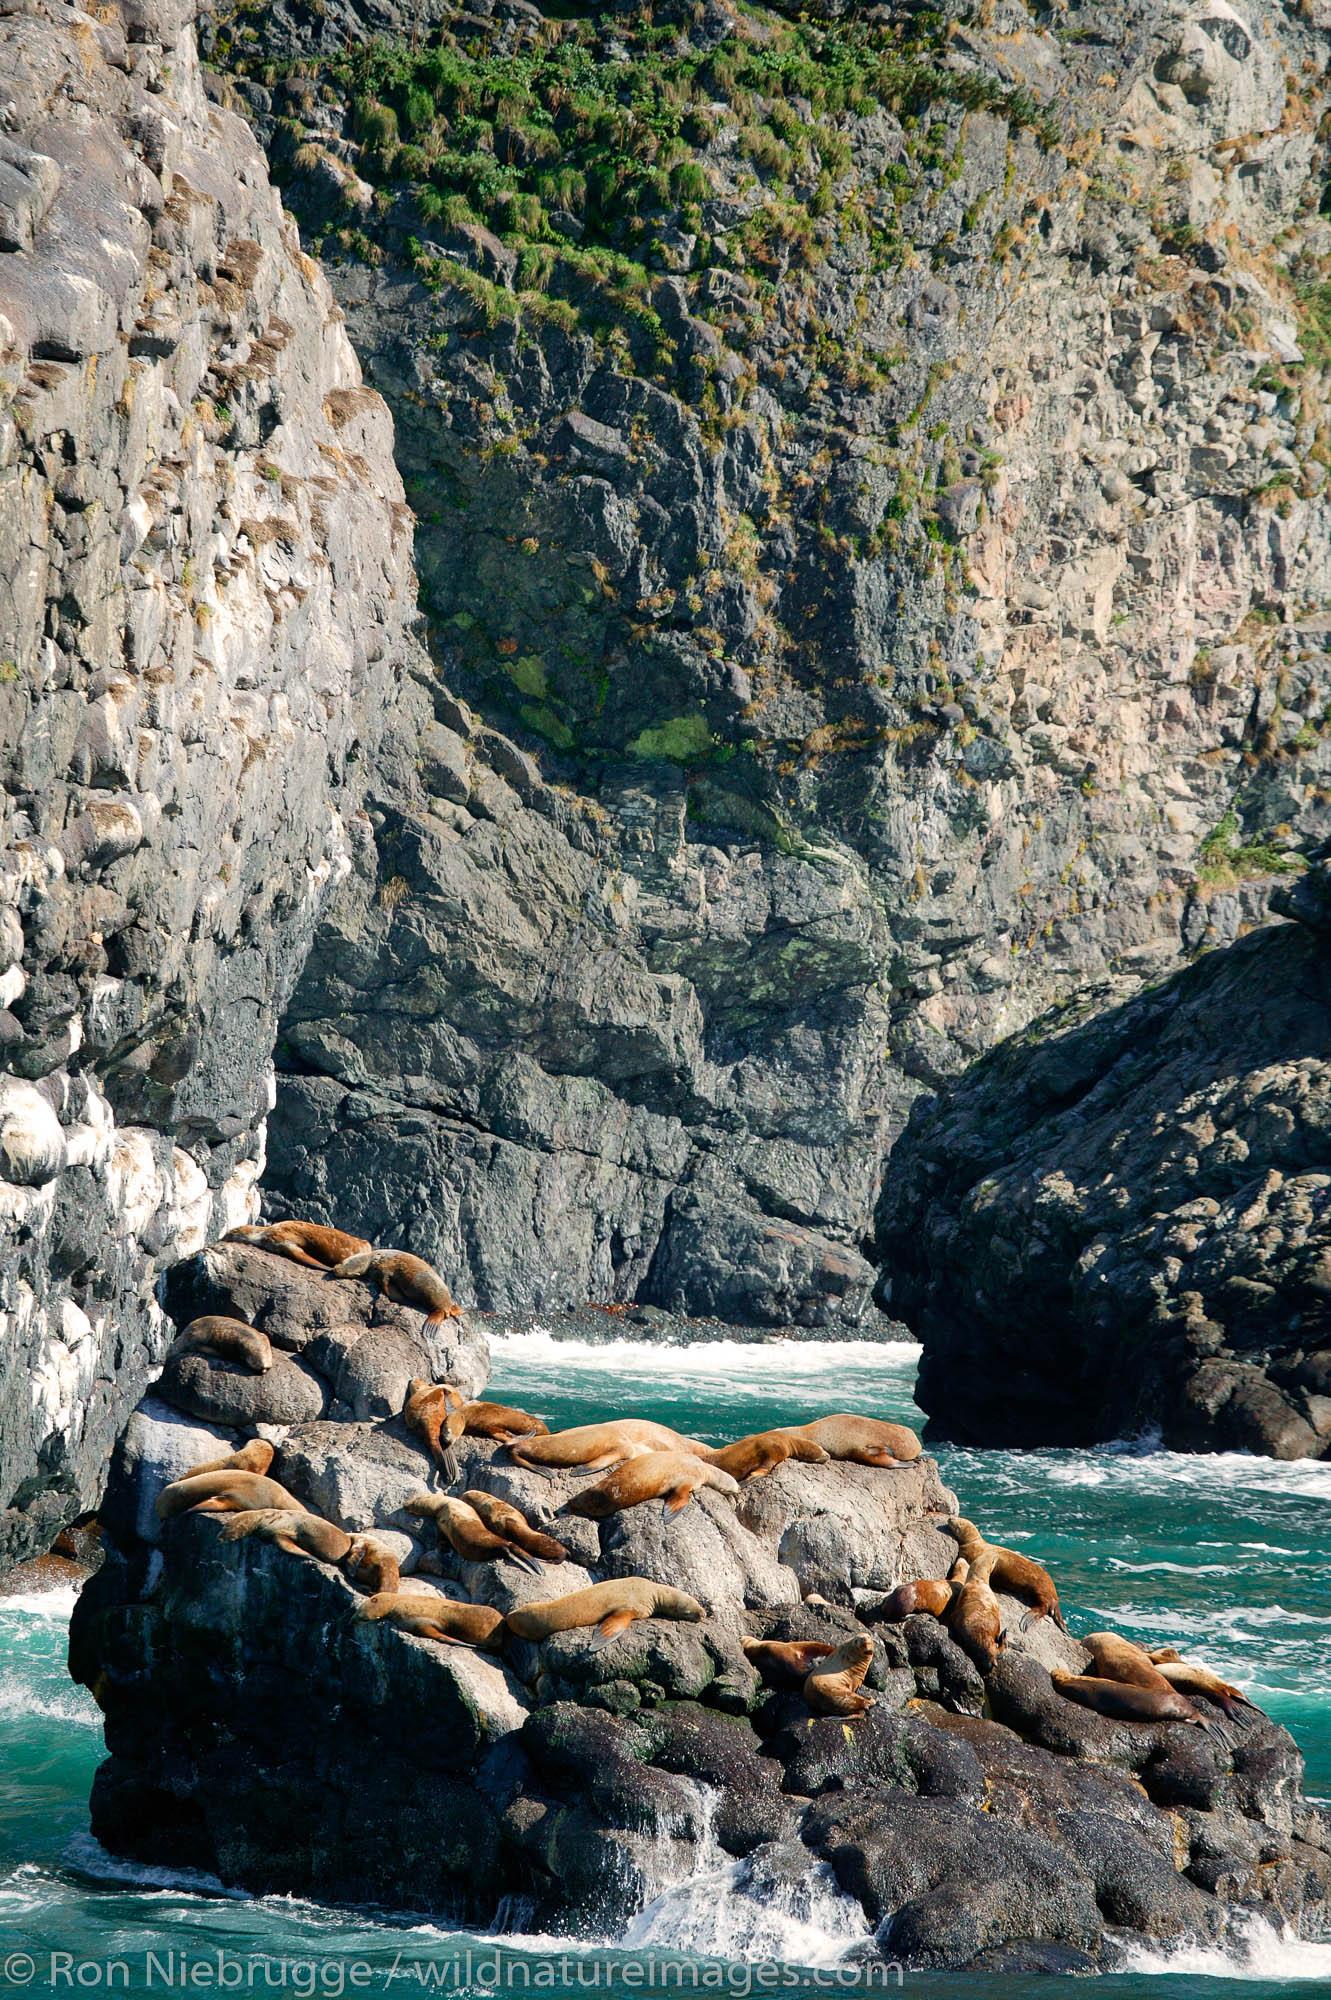 Northern Steller Sea Lions, Resurrection Bay, near Seward, Alaska.